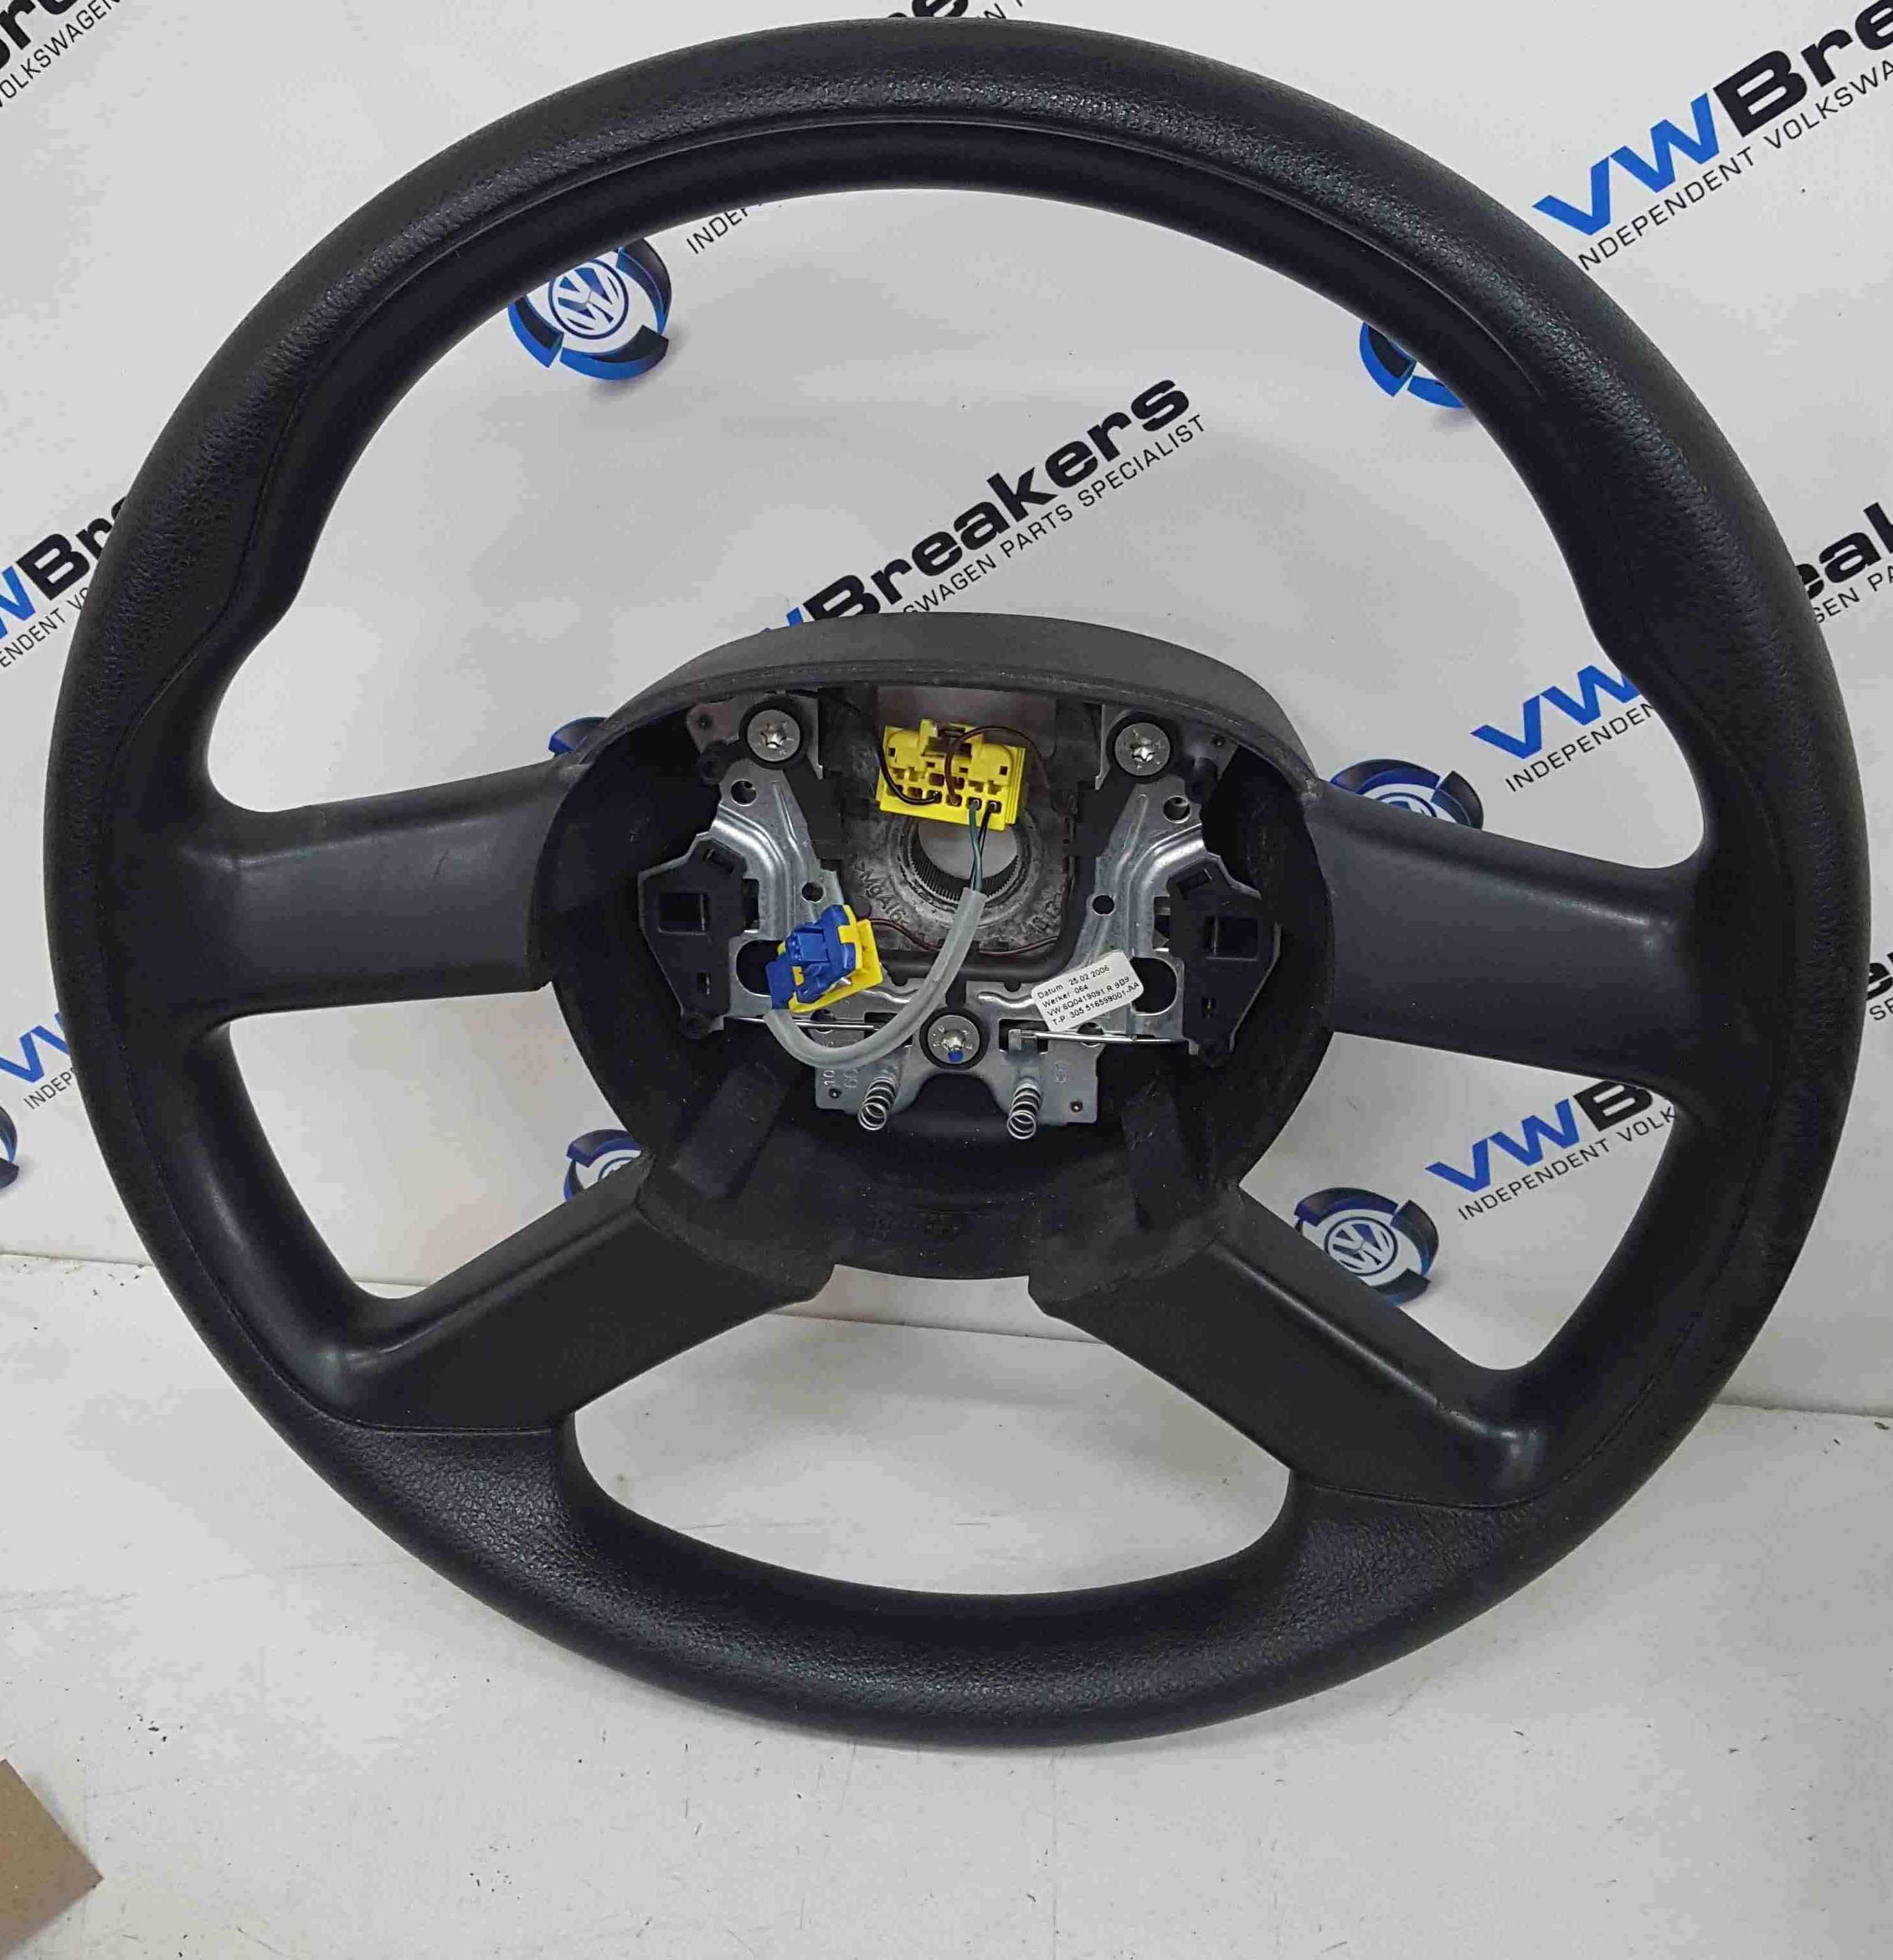 Volkswagen Polo 9N3 2006-2008 Drivers Steering Wheel